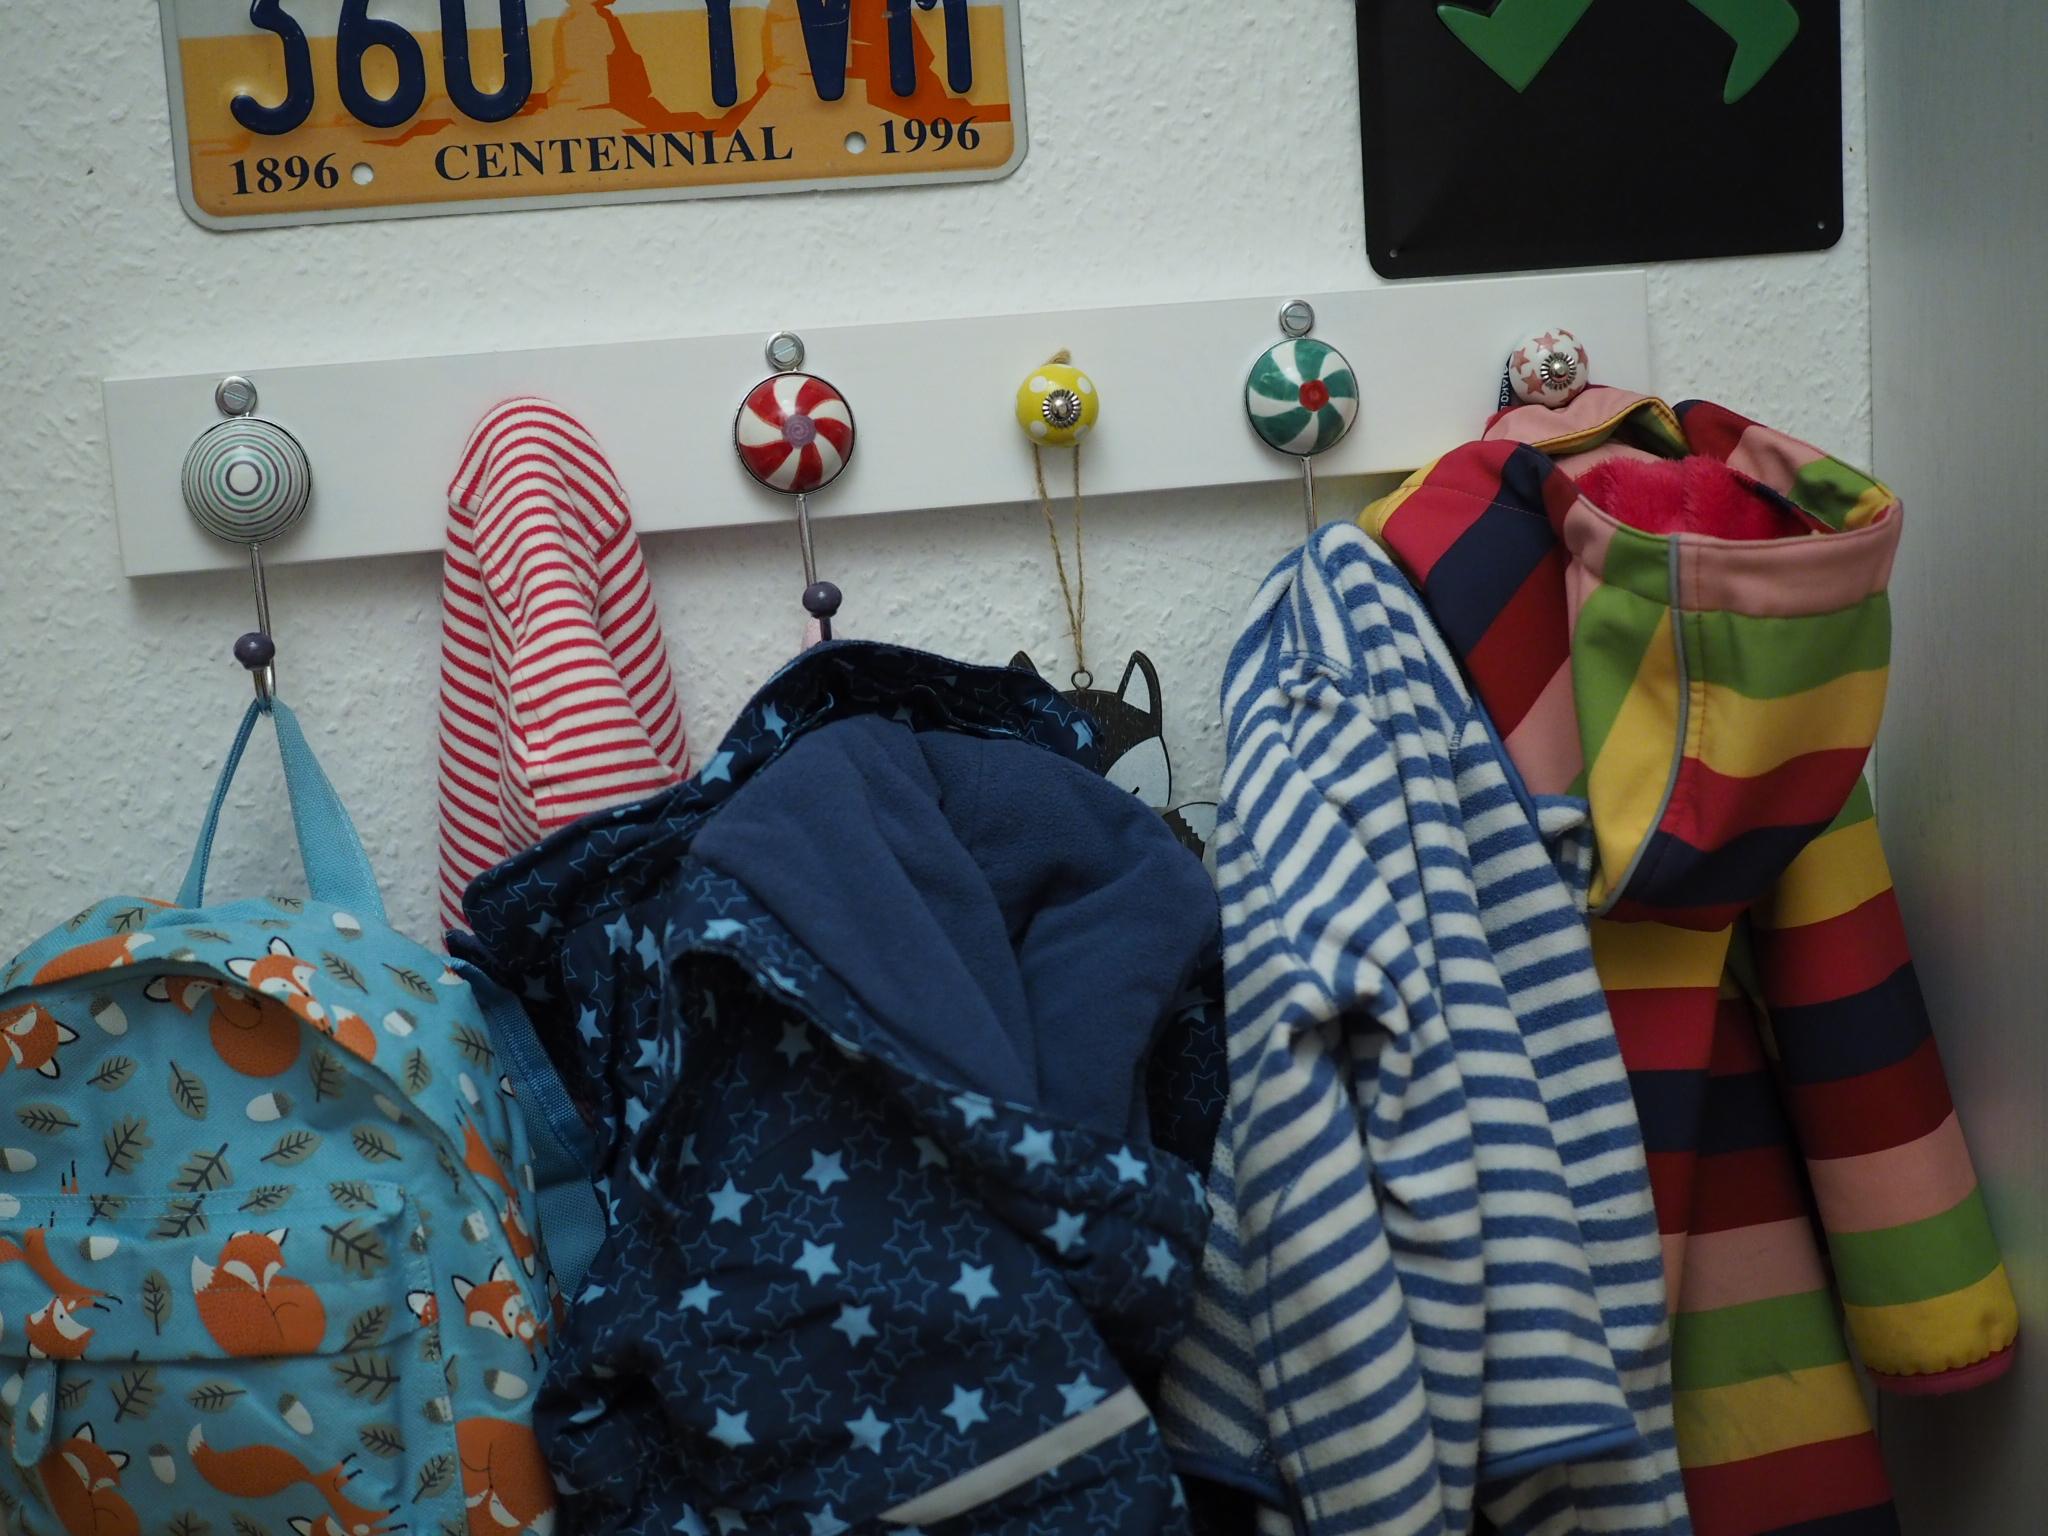 Full Size of Garderobe Kinderzimmer Einfach Und Schnell Selbstgebaut Aus Ikea Brett Sofa Regal Weiß Regale Kinderzimmer Garderobe Kinderzimmer